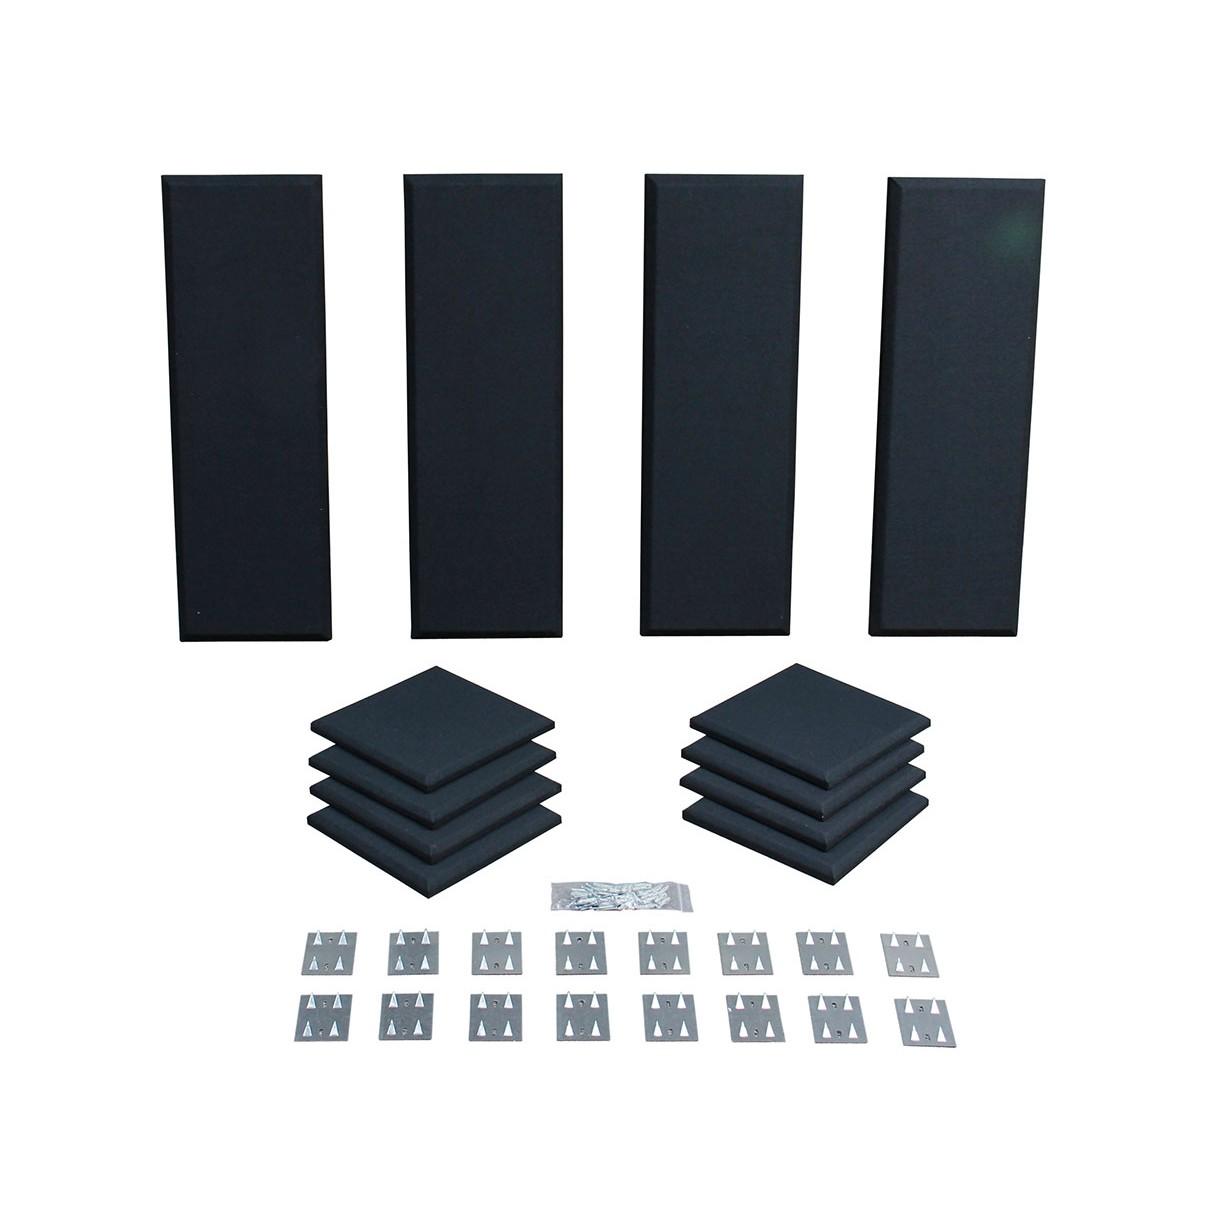 primacoustic london 8 black. Black Bedroom Furniture Sets. Home Design Ideas